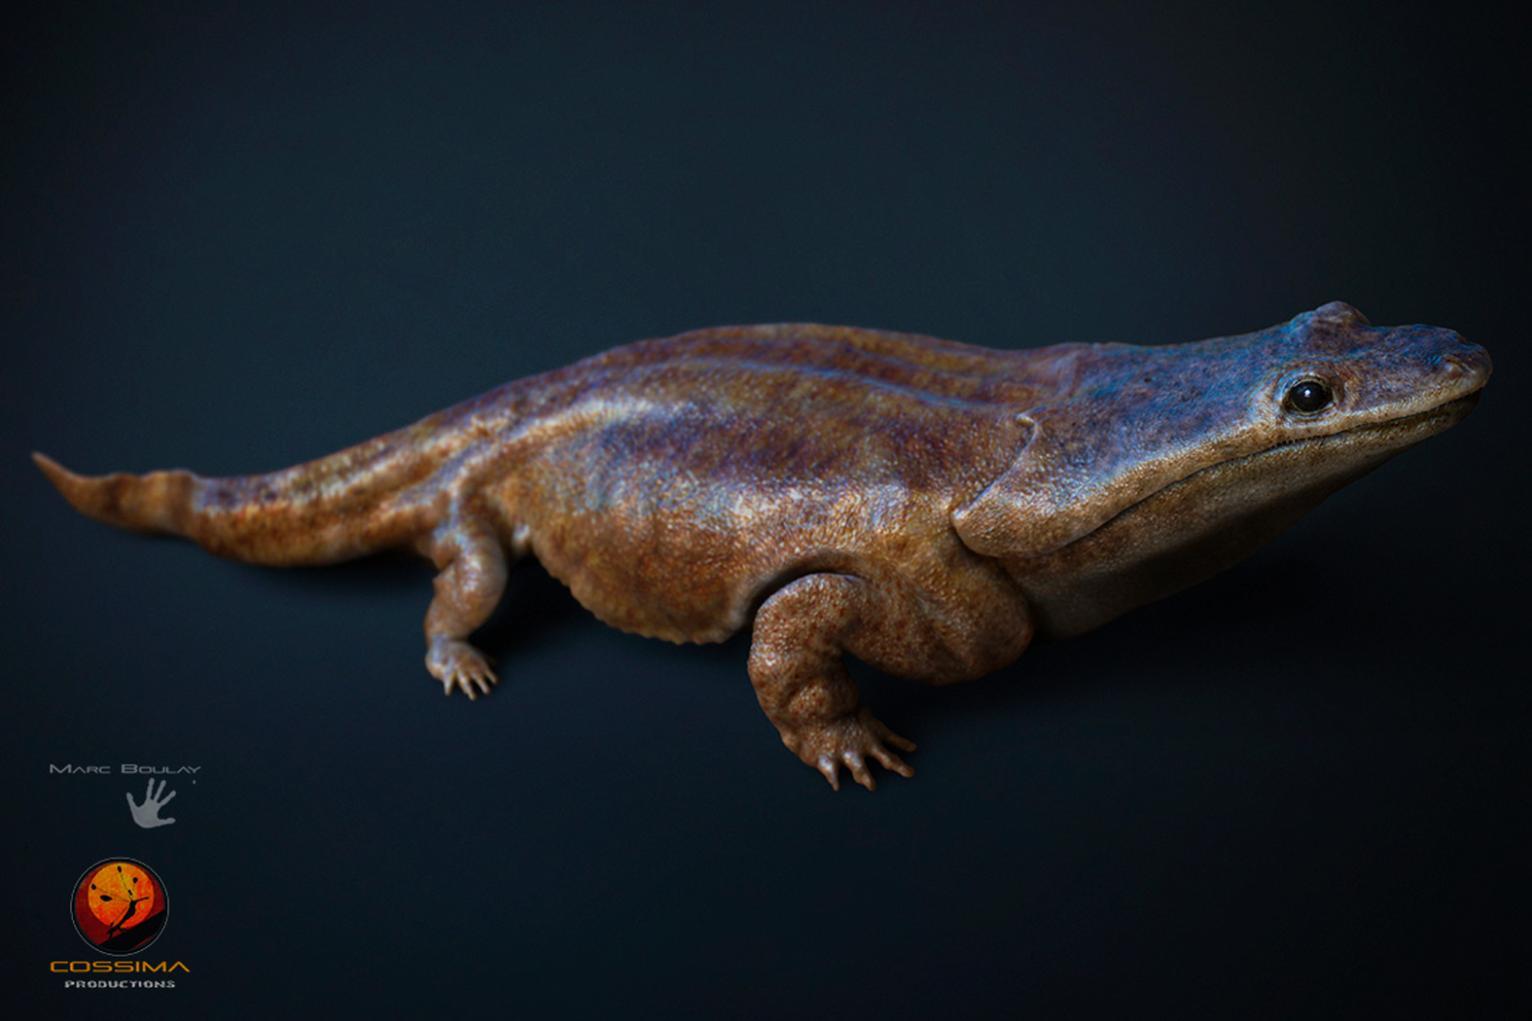 史前超级蝾螈Metoposaurus algarvensis——2亿年前的顶级掠食者